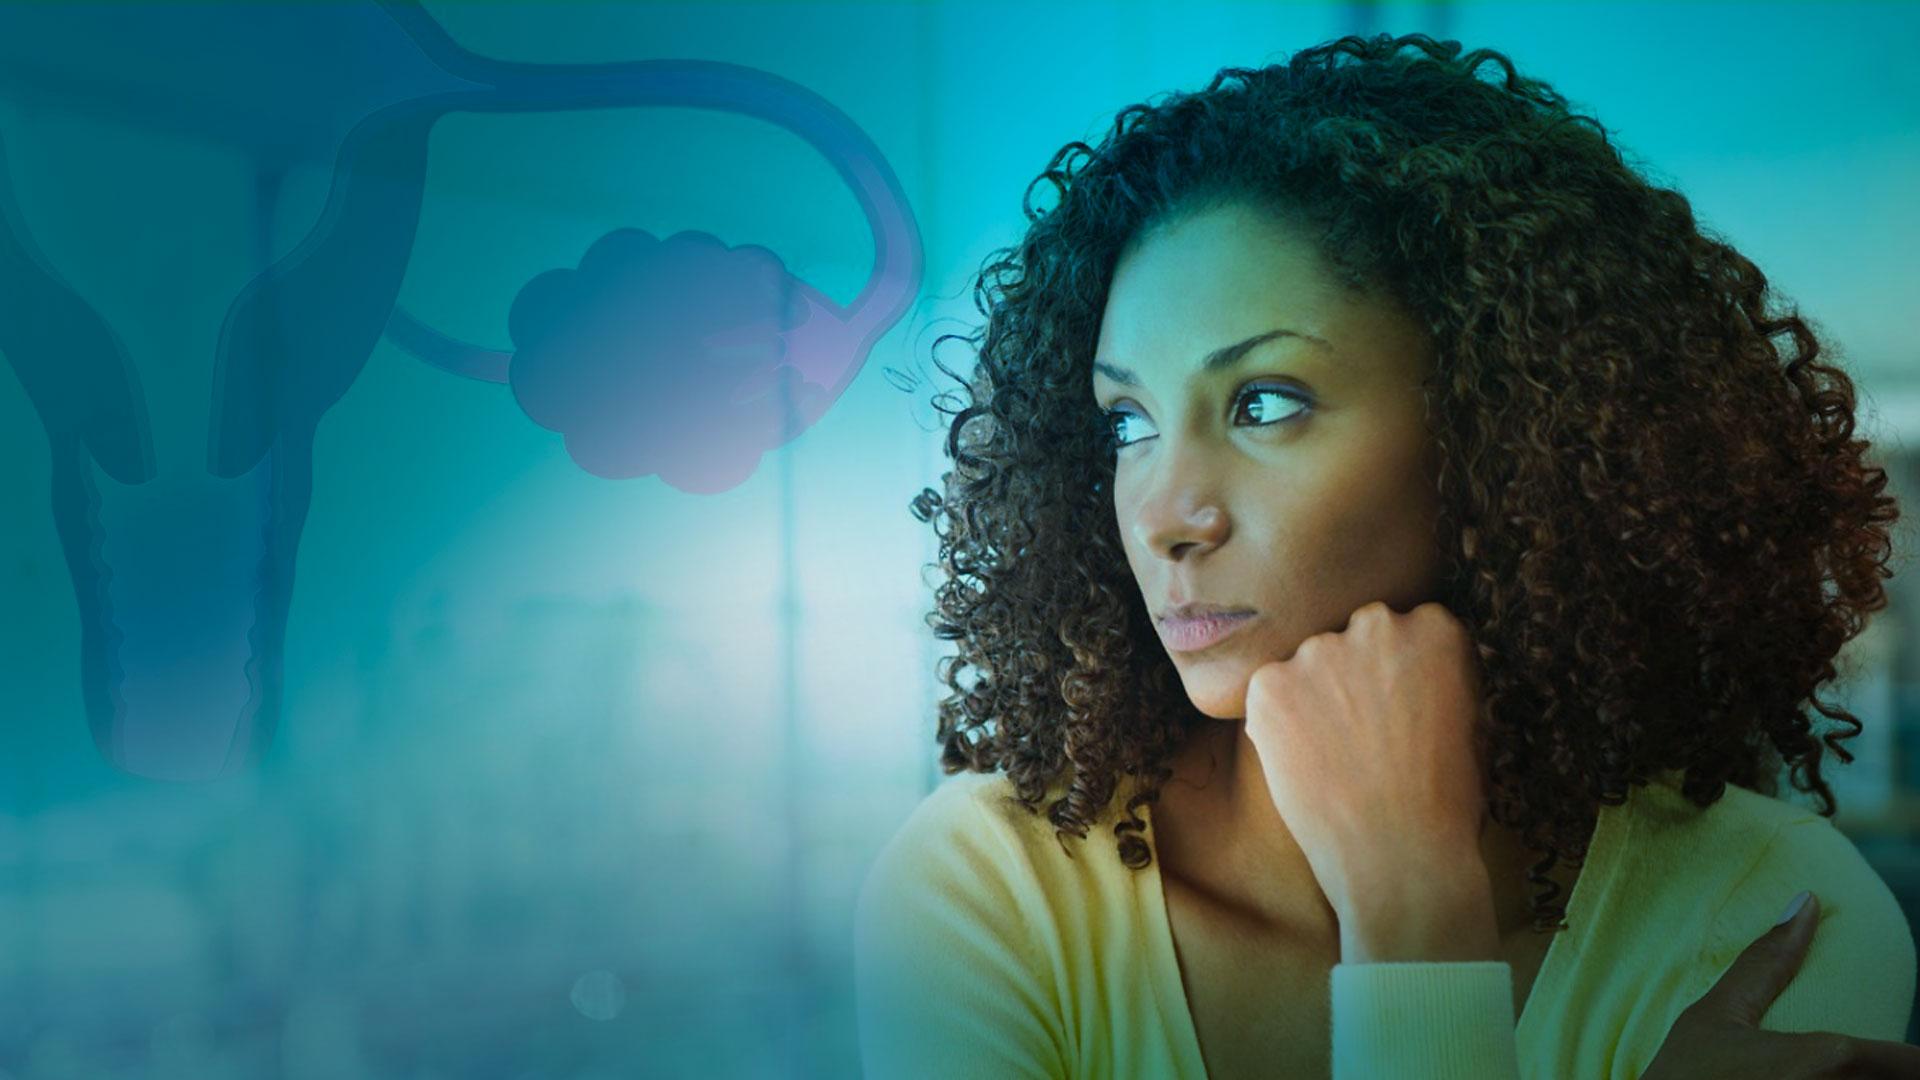 Como eu posso evitar o câncer de ovário?